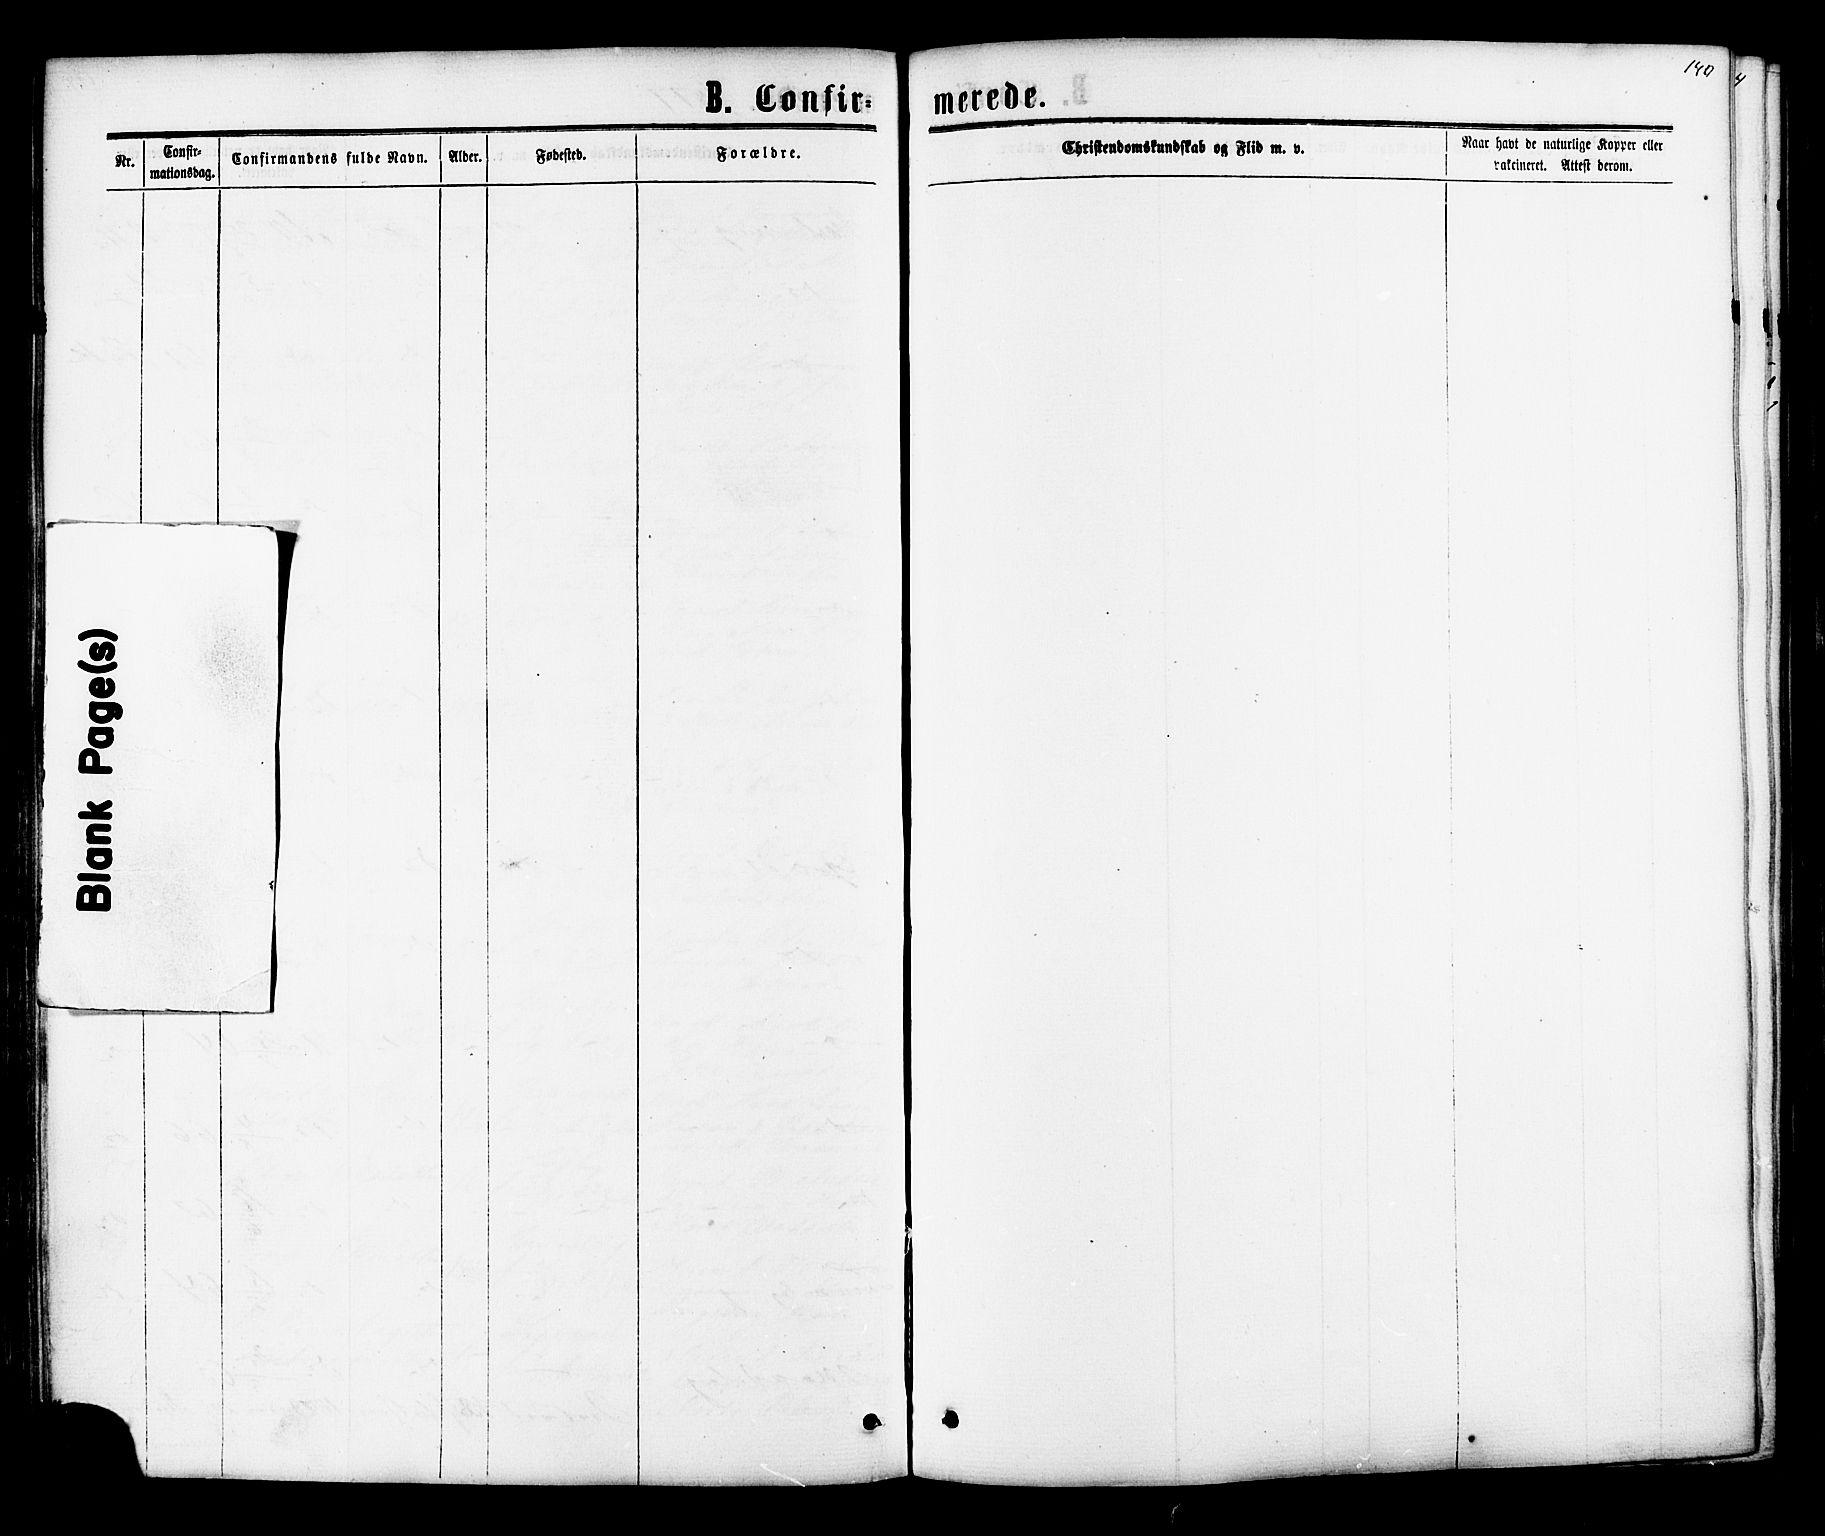 SAT, Ministerialprotokoller, klokkerbøker og fødselsregistre - Sør-Trøndelag, 616/L0409: Ministerialbok nr. 616A06, 1865-1877, s. 140